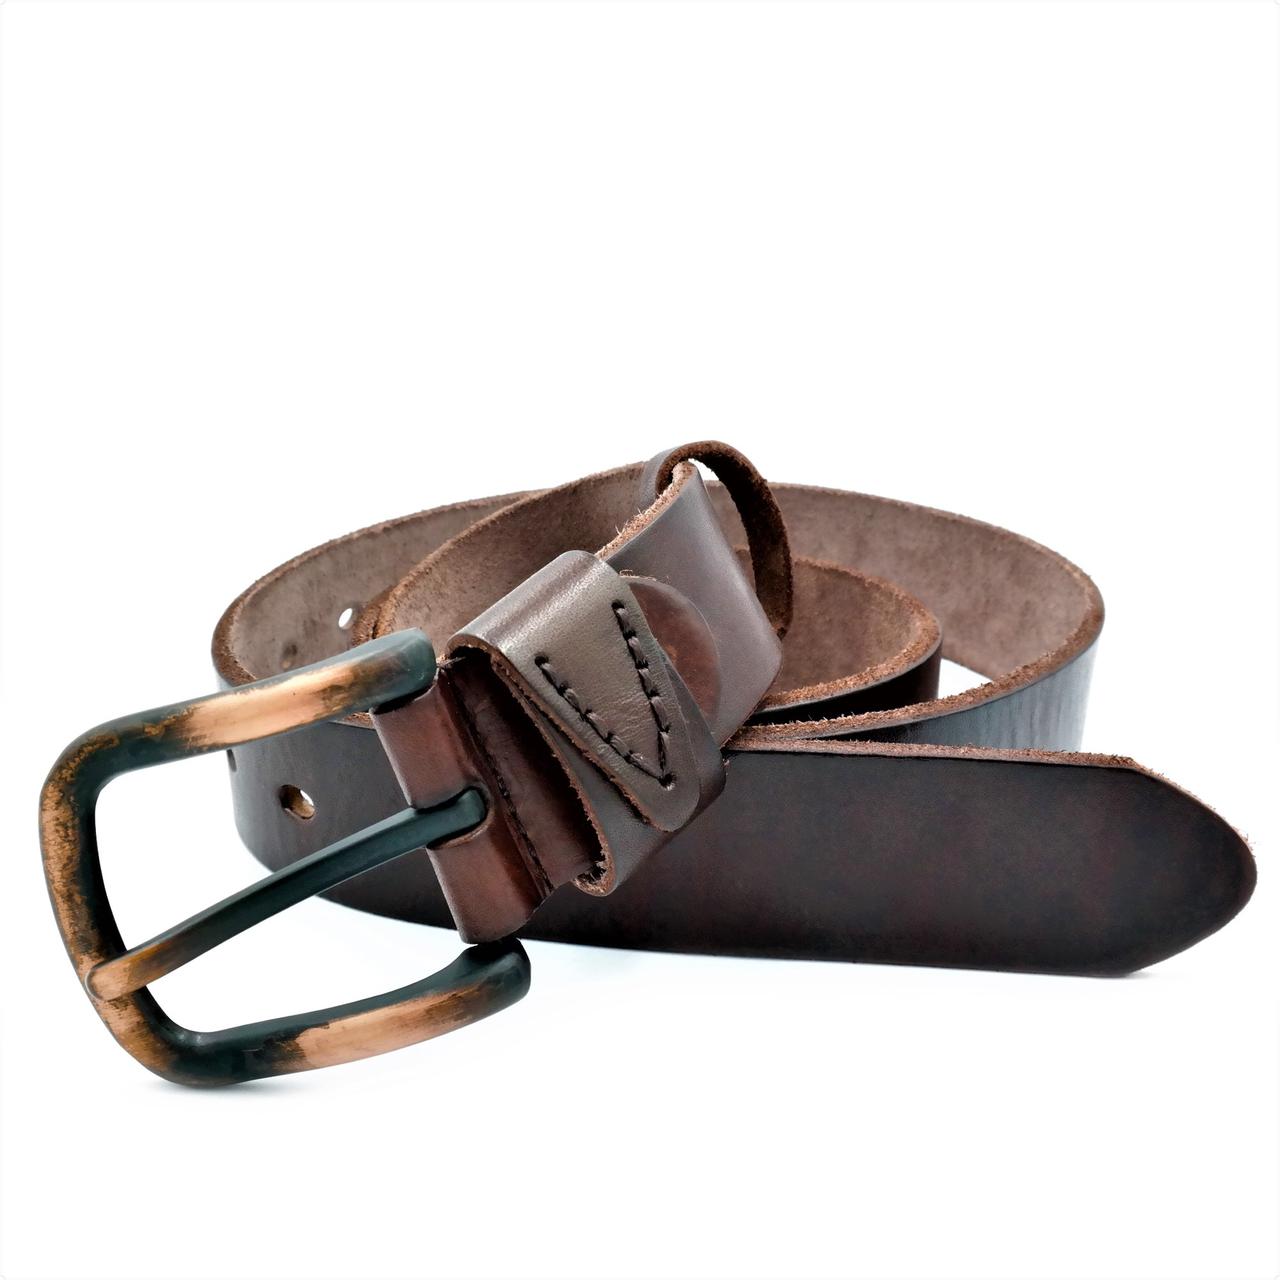 Мужской кожаный ремень Le-Mon 110-125 см Коричневый (new-m-40k-003)